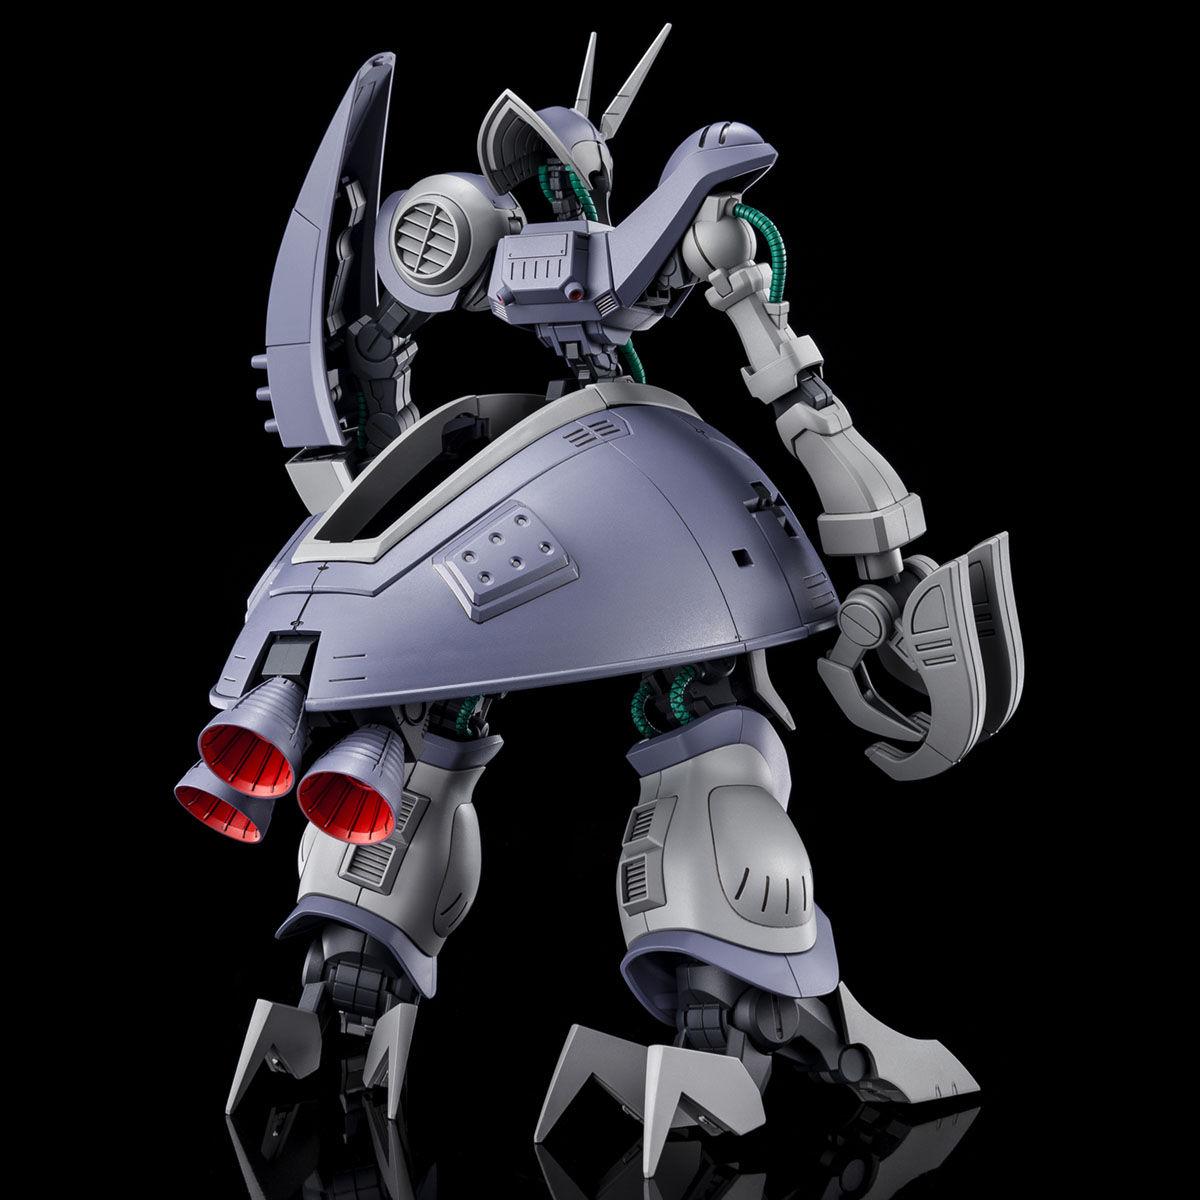 【限定販売】HG 1/144『バウンド・ドック(ゲーツ・キャパ専用機)』機動戦士Zガンダム プラモデル-003